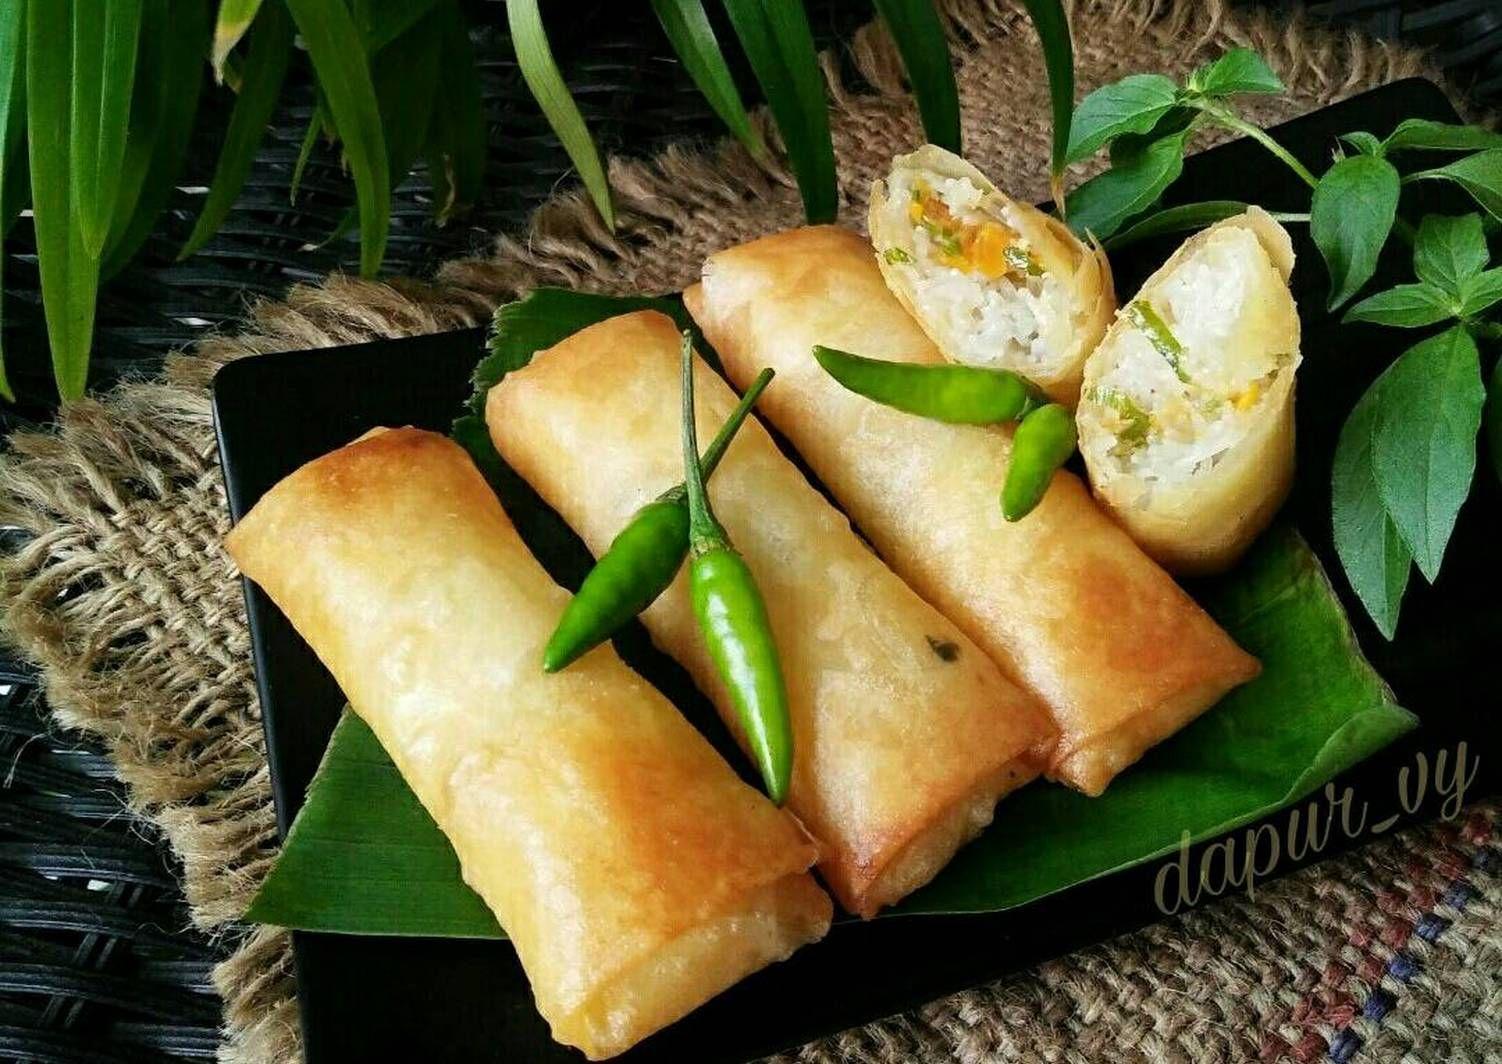 Resep Lumpia Isi Soun Bihun Pr Risolesdkk Oleh Dapurvy Resep Makanan Makanan Dan Minuman Lumpia Semarang